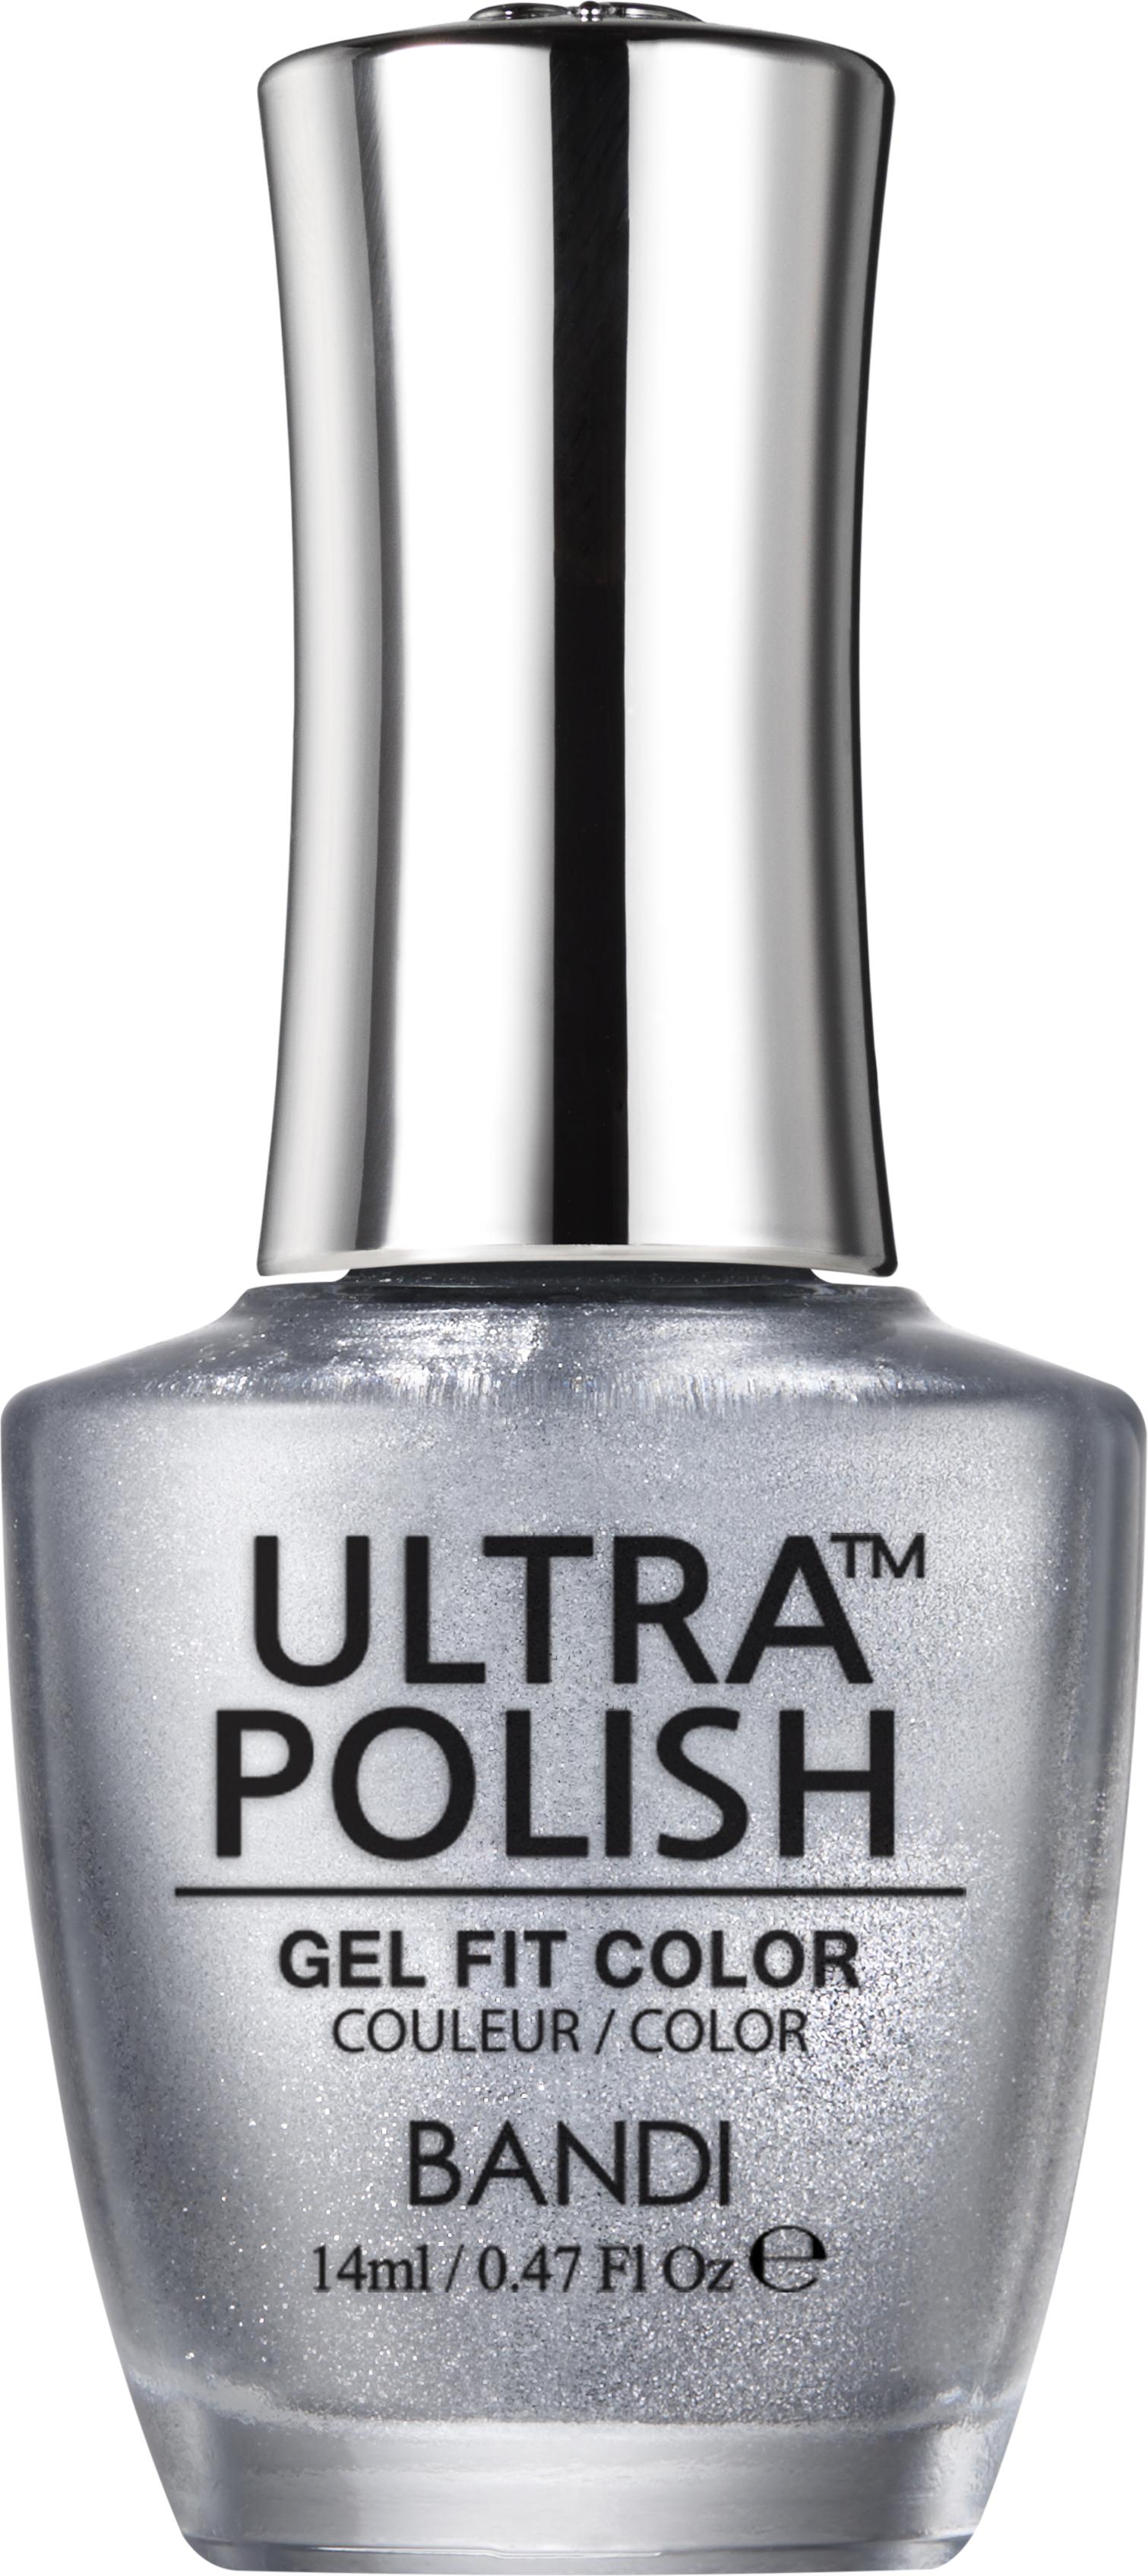 Купить BANDI UP803 ультра-покрытие долговременное цветное для ногтей / ULTRA POLISH GEL FIT COLOR 14 мл, Серые